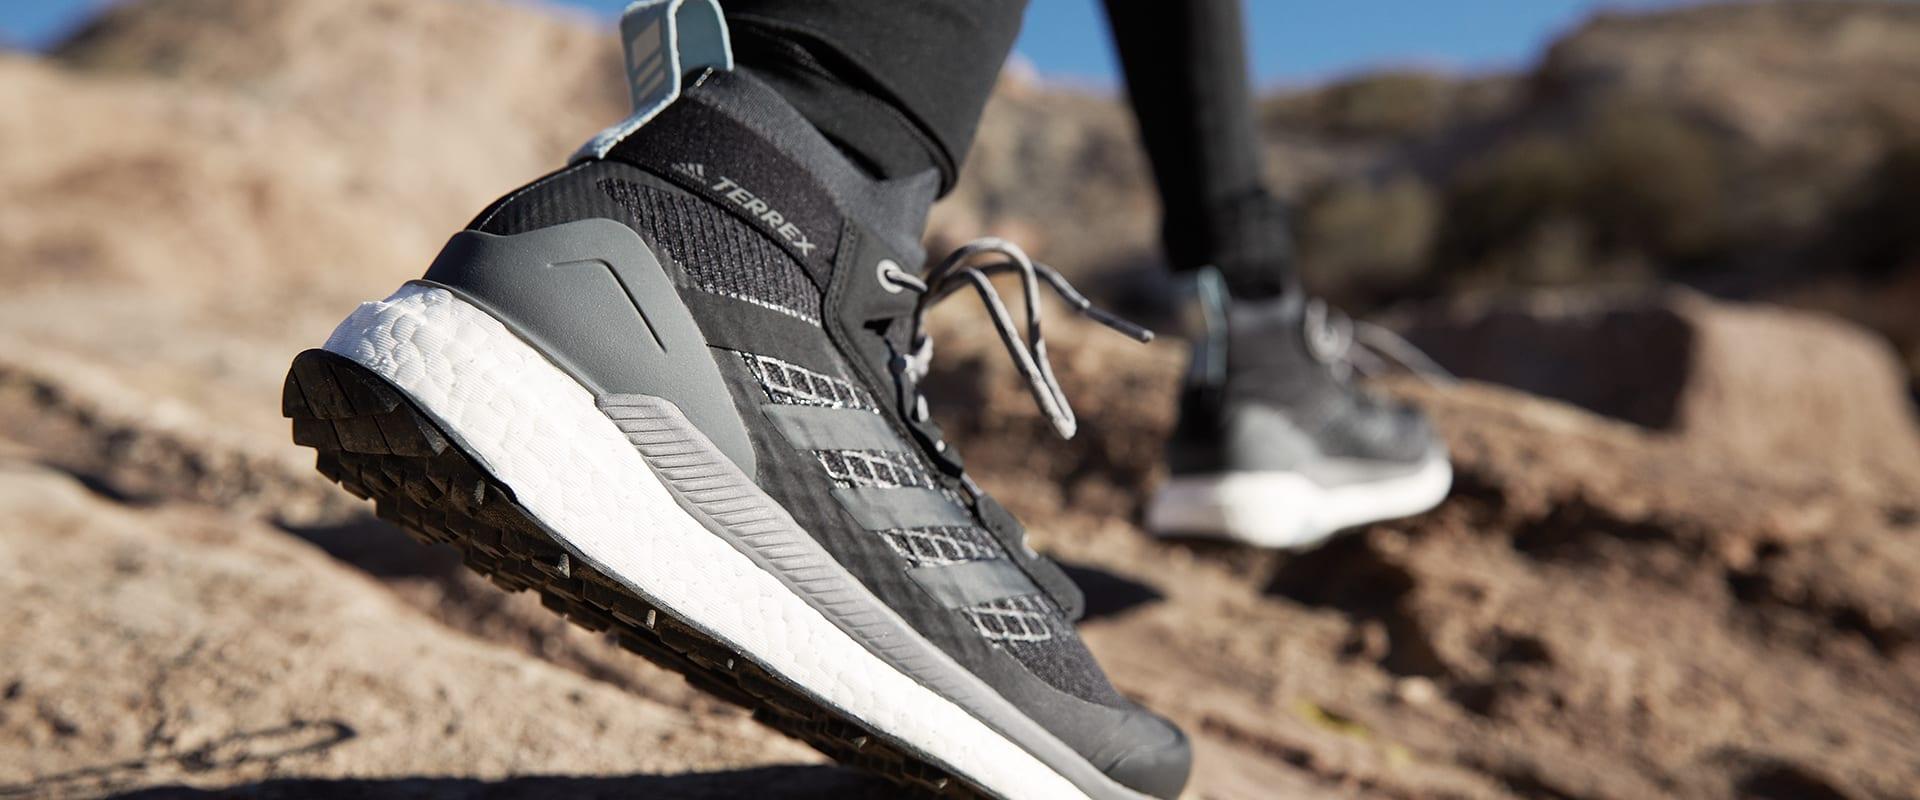 Trek de adidas TERREX Free Hiker aan en ontvlucht het lawaai.